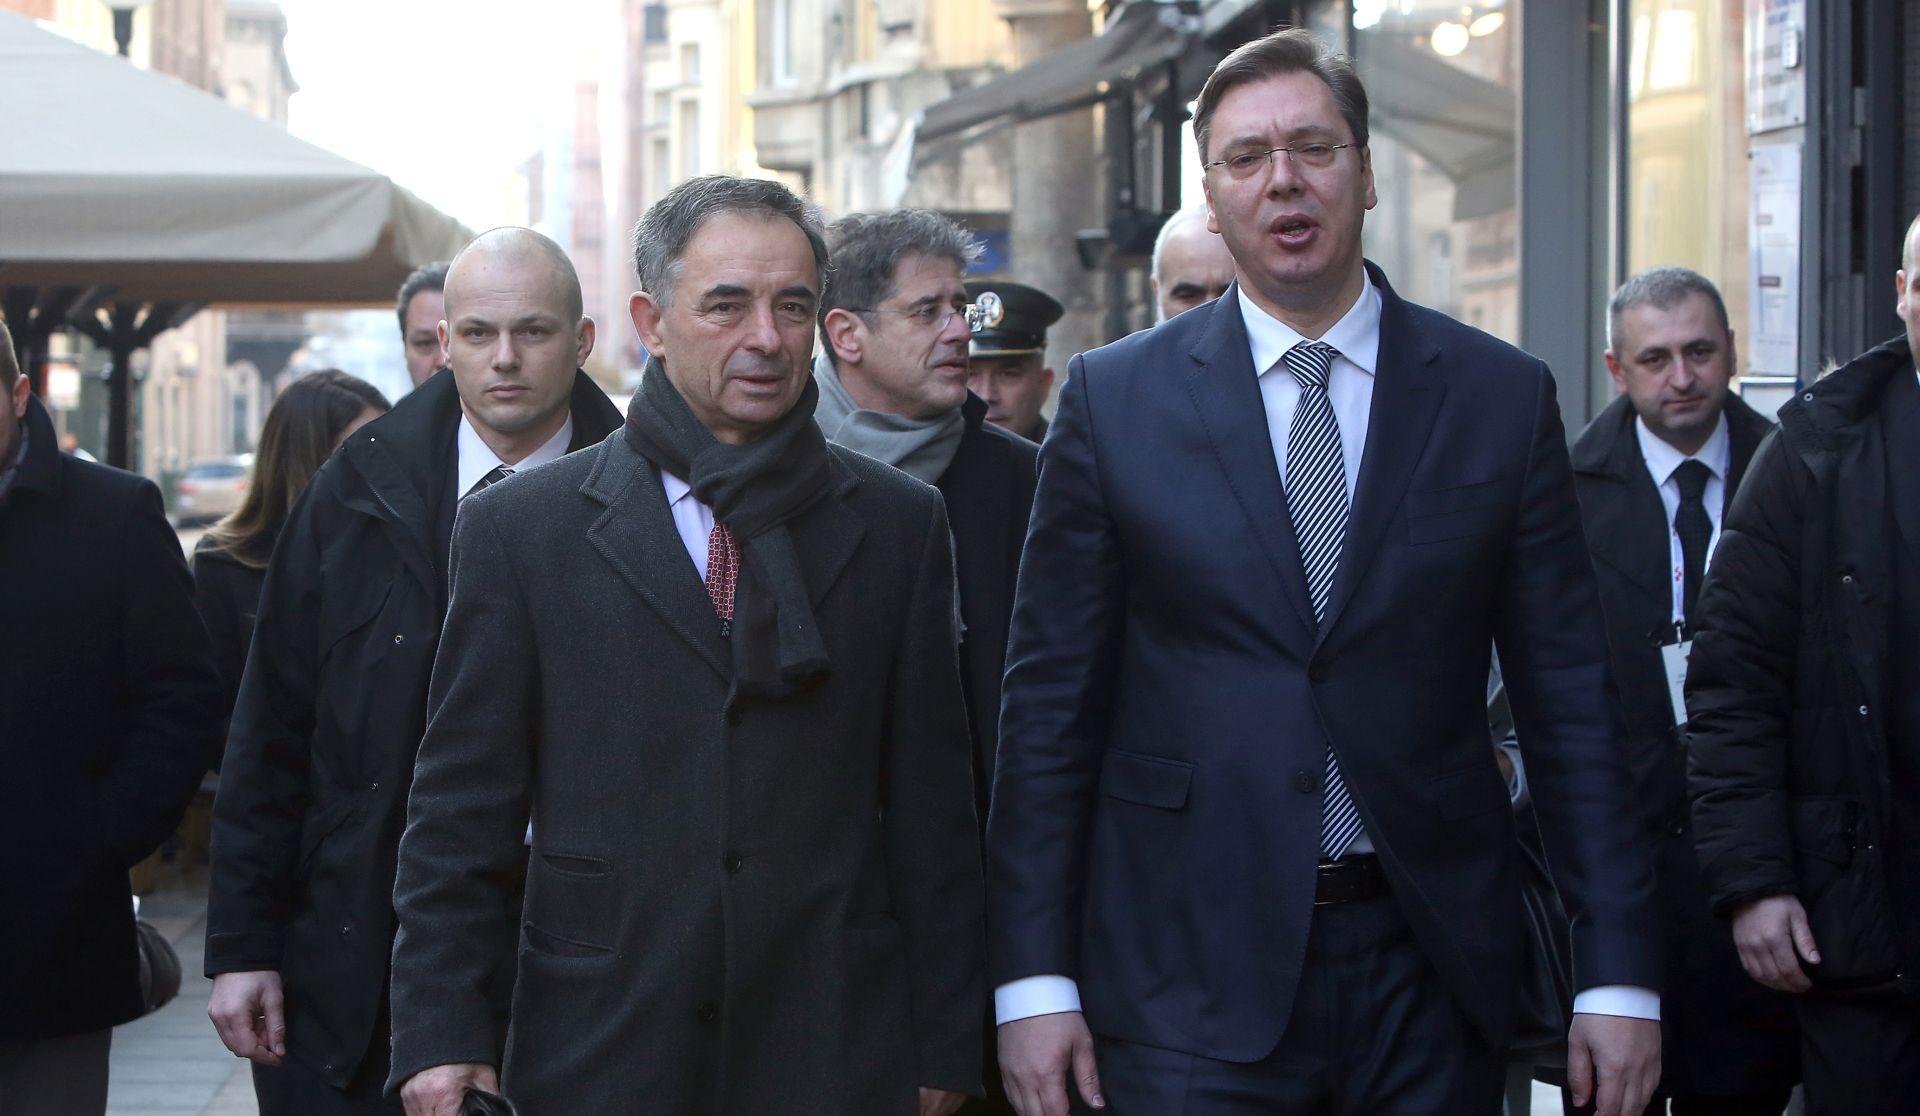 Vučić i Pupovac: Kampanja u Hrvatskoj ne smije utjecati na odnose dviju država